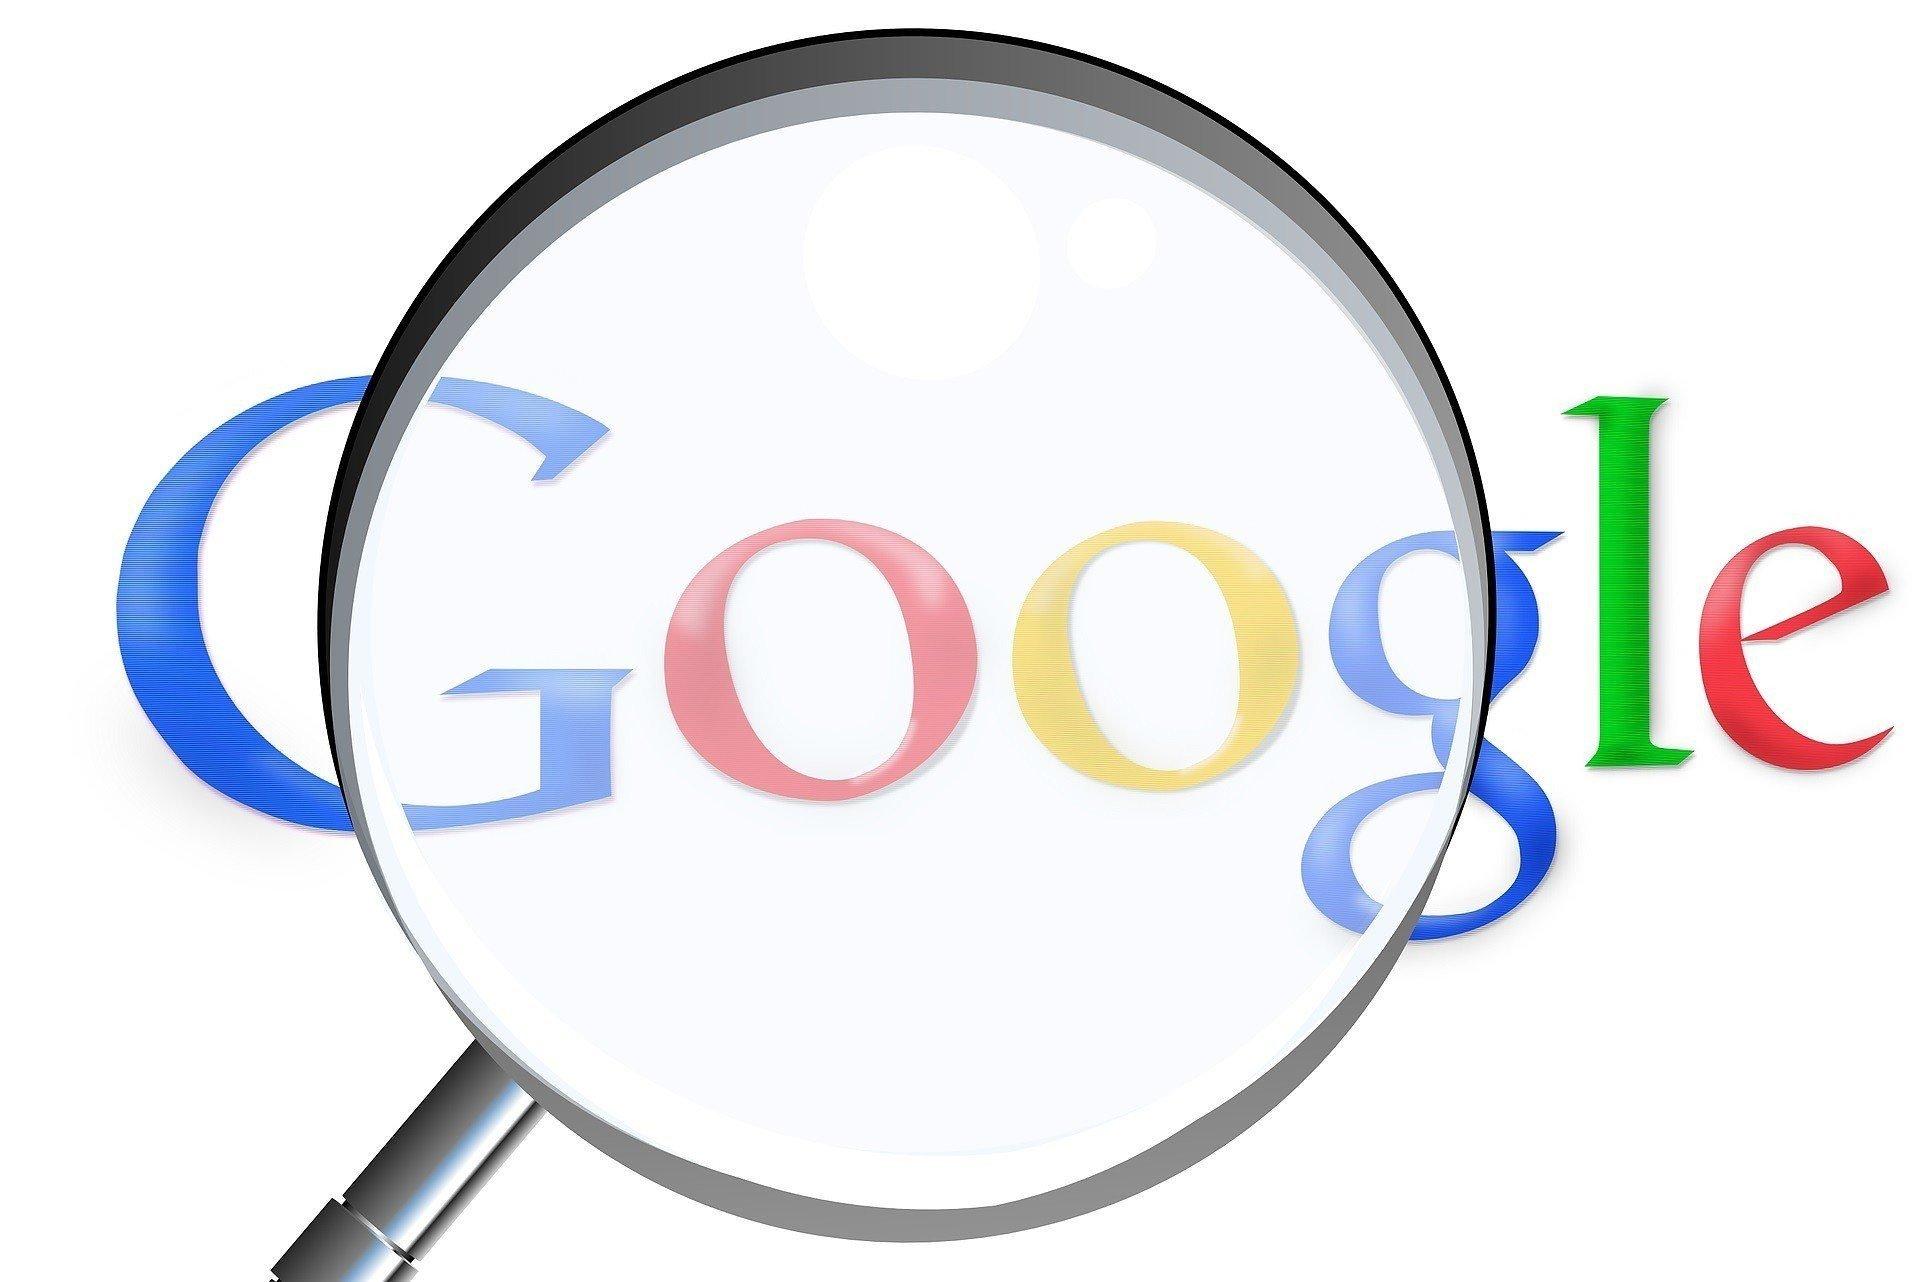 Обнародованы детали иска к Google из-за сговора с Facebook